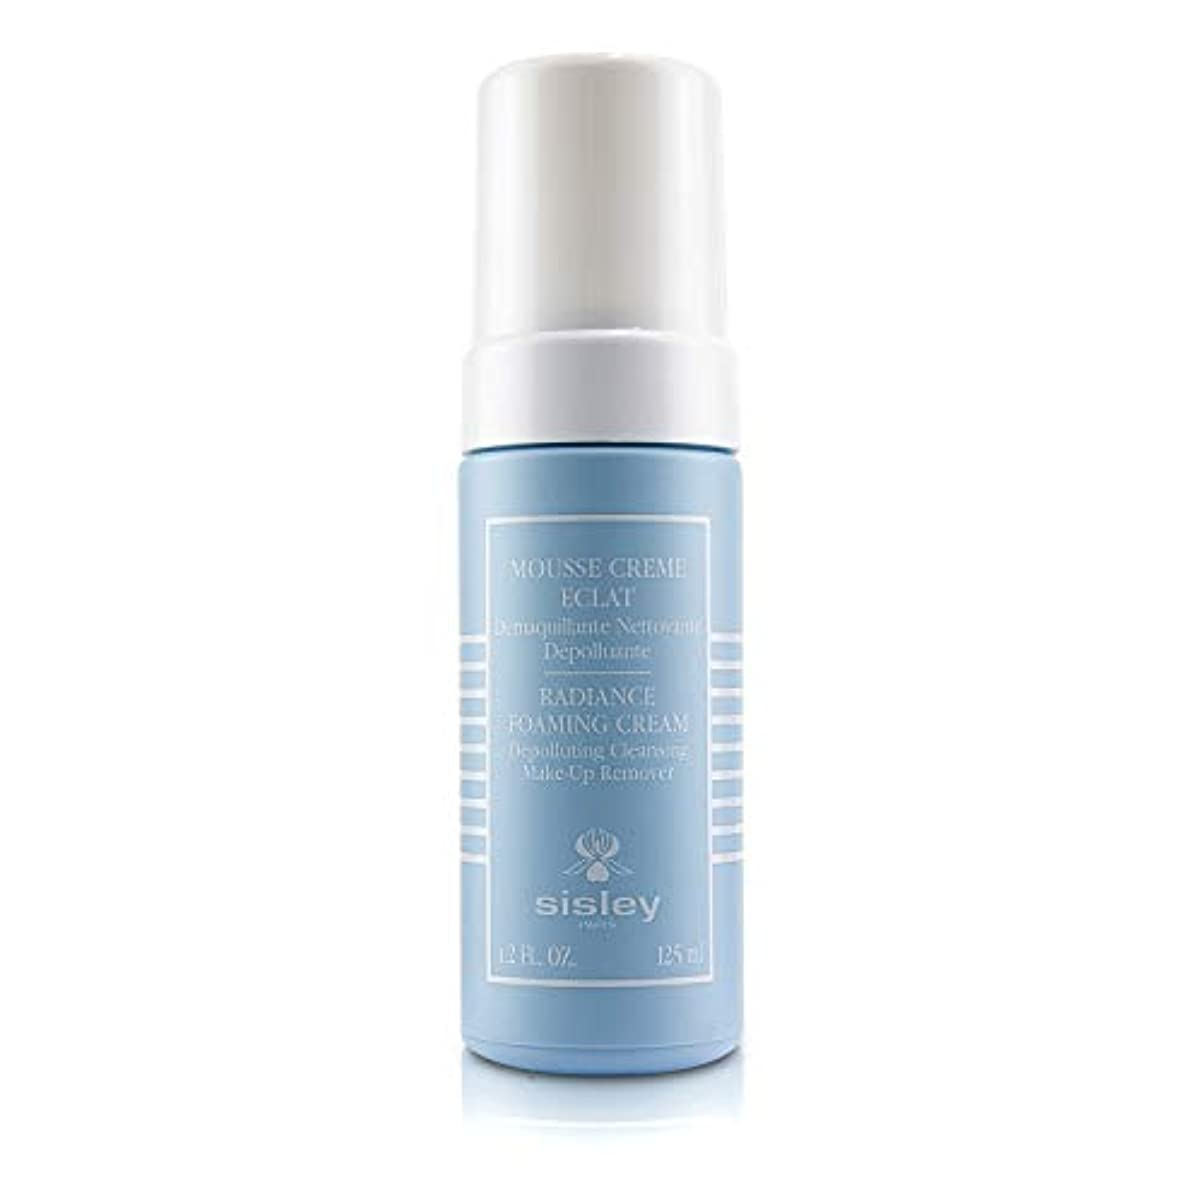 お父さん力学十分シスレー Radiance Foaming Cream Depolluting Cleansing Make-Up Remover 125ml/4.2oz並行輸入品